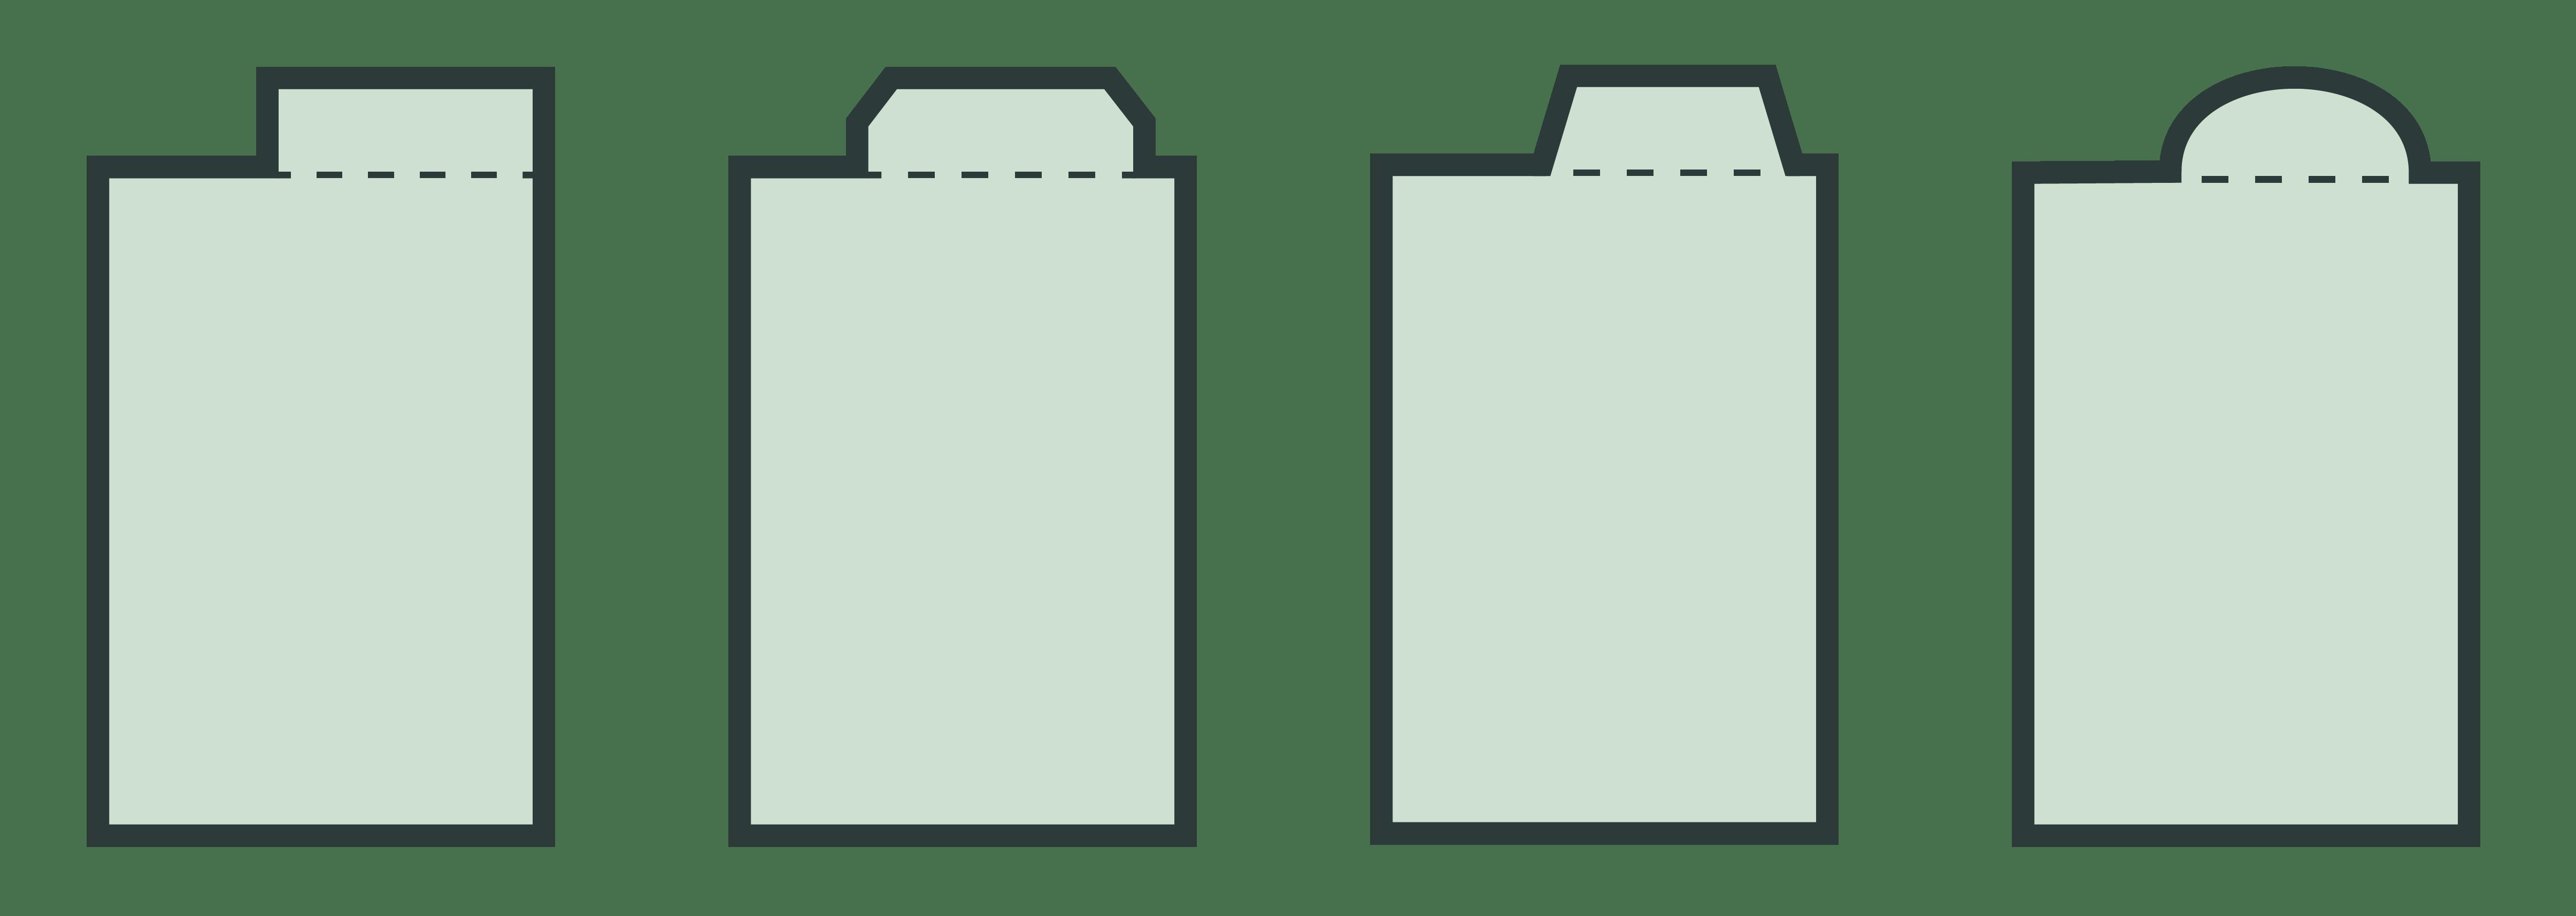 erker-schematisch